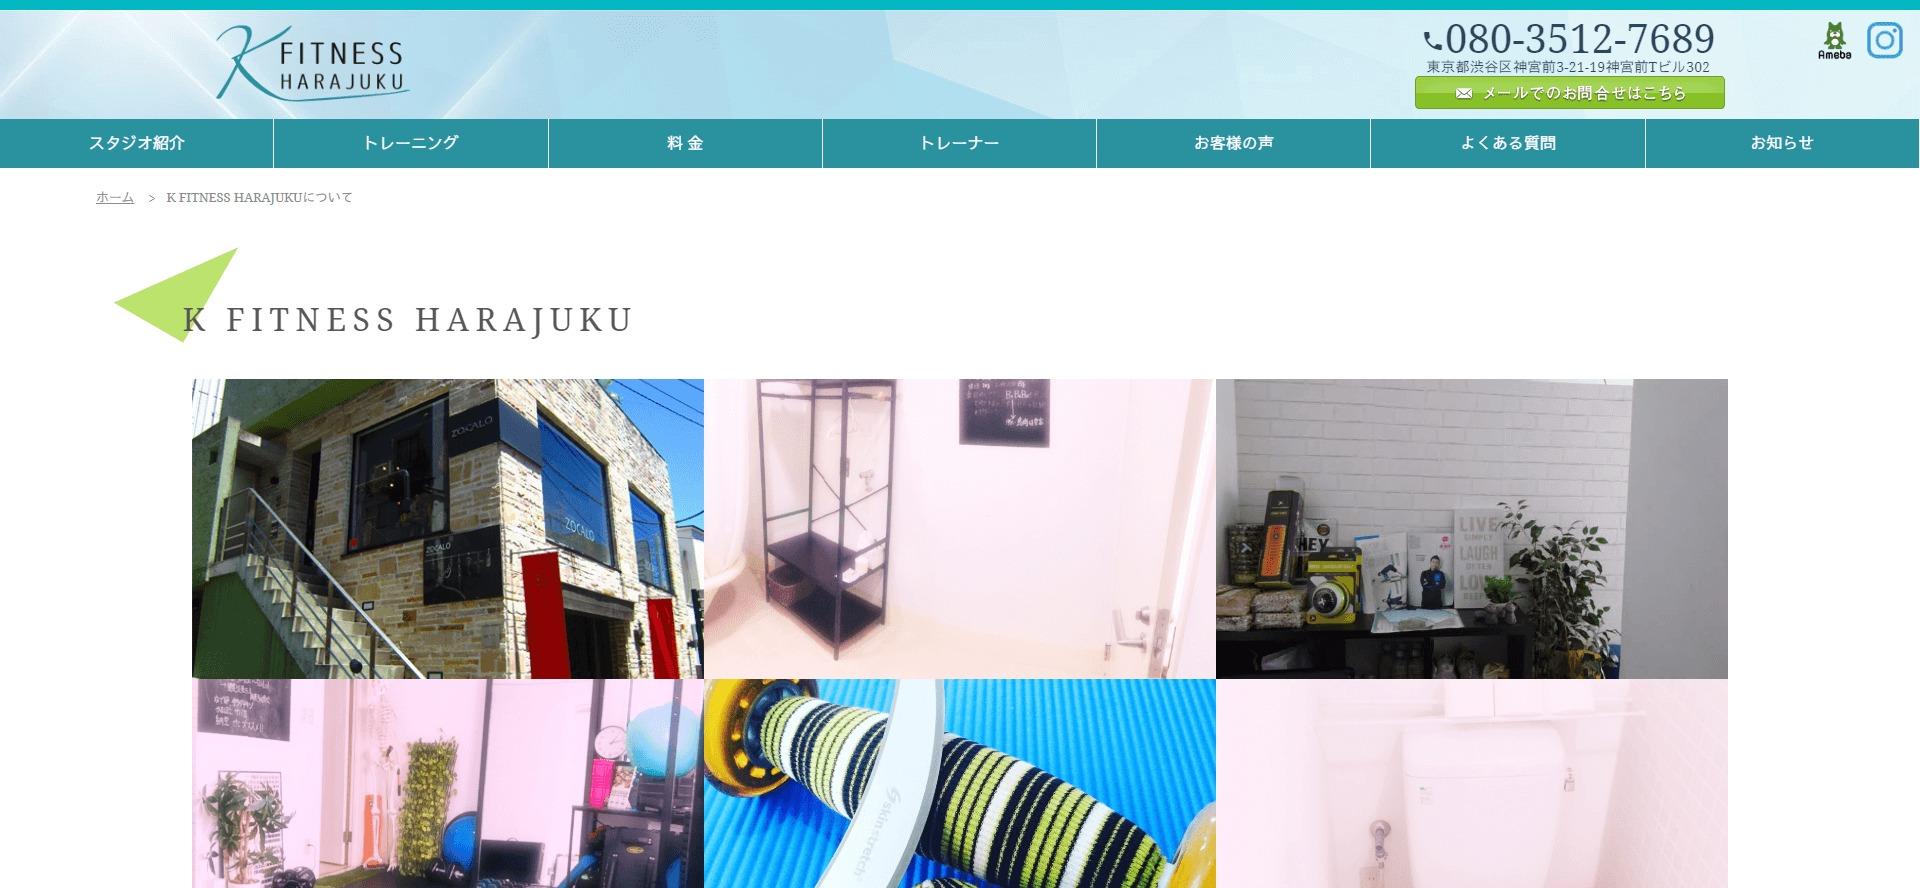 原宿エリアでおすすめのパーソナルトレーニングジム「K FITNESS HARAJUKU」